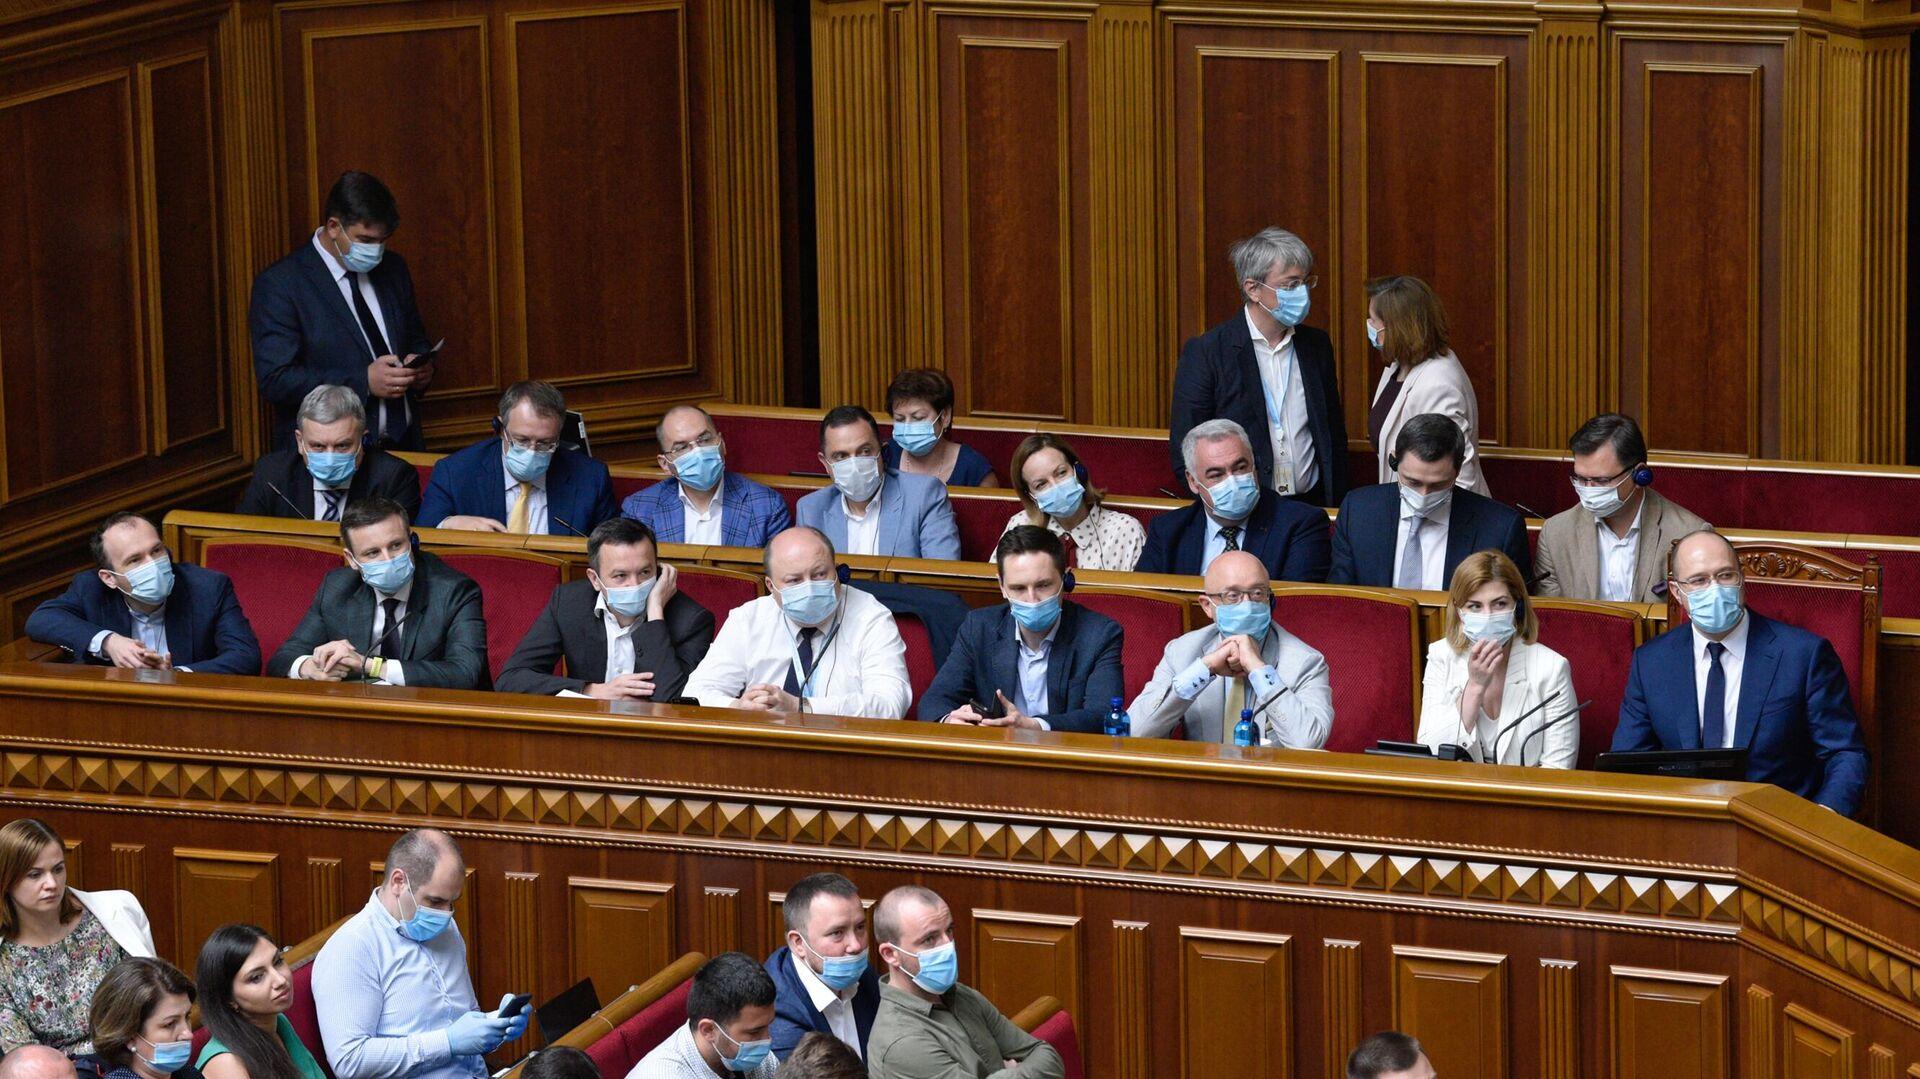 Заседание Верховной рады Украины в Киеве - РИА Новости, 1920, 05.11.2020